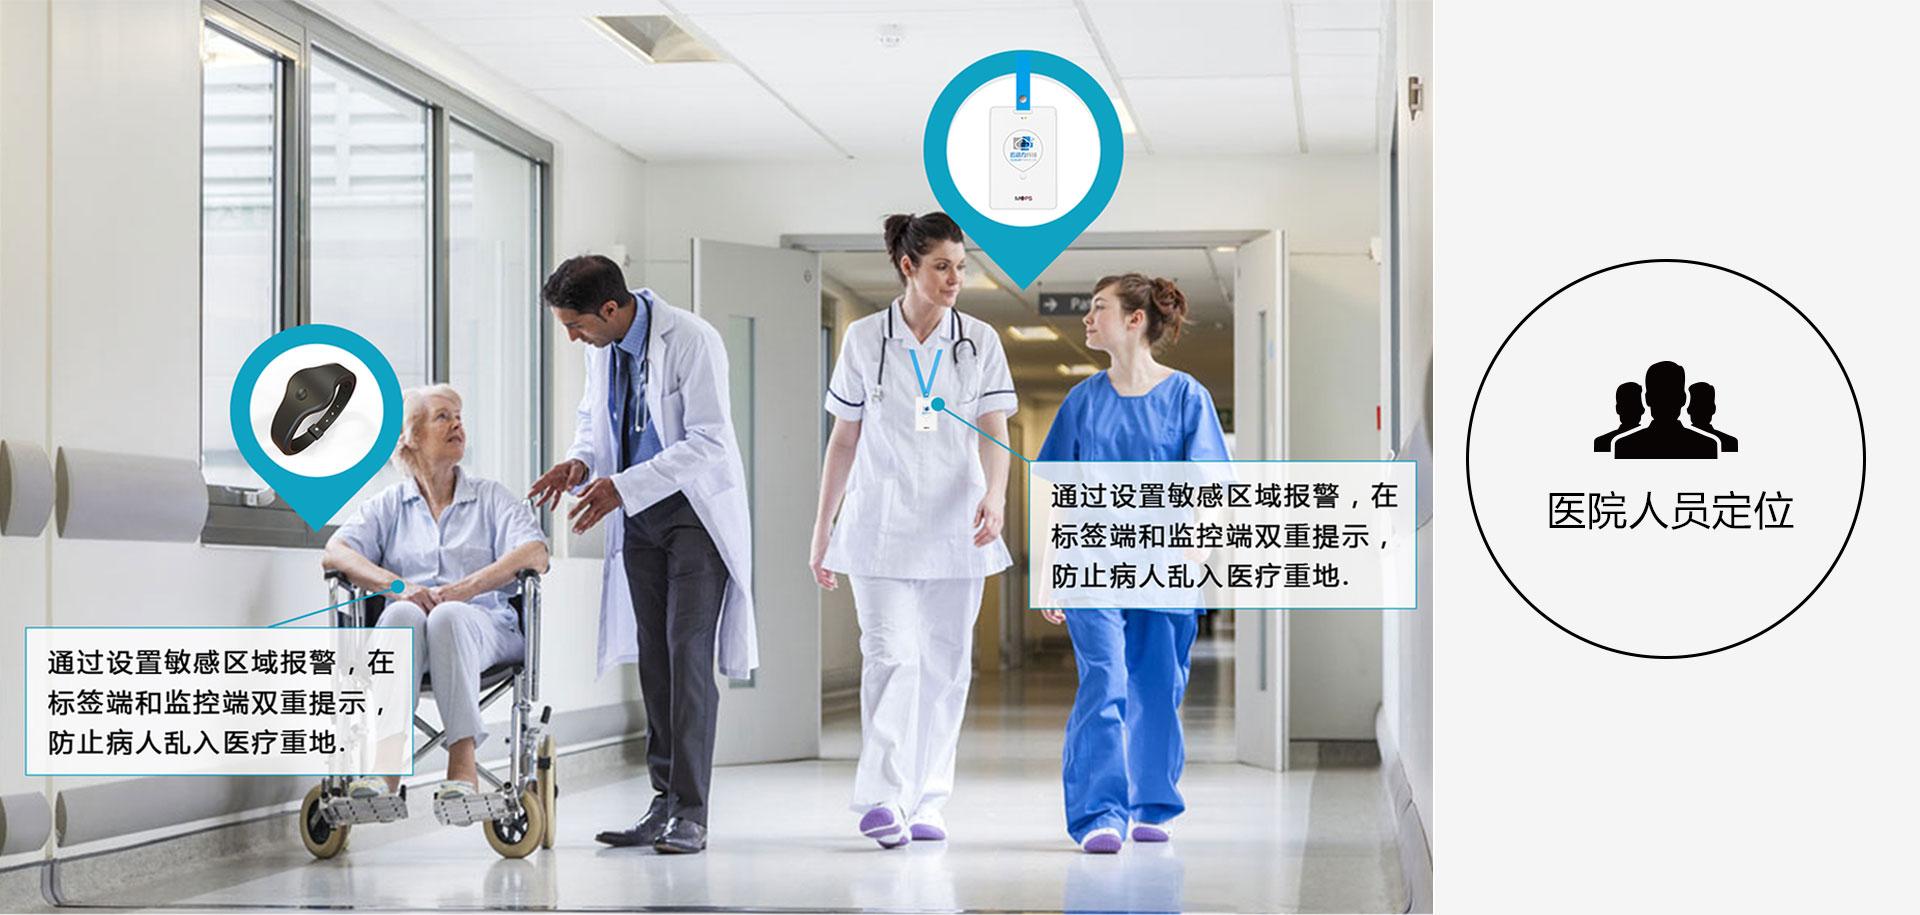 医院人员定位,通过设置敏感区域报警,在标签端和监控端双重提示,防止病人乱入医疗重地.在标签端和监控端双重提示,防止病人乱入医疗重地.